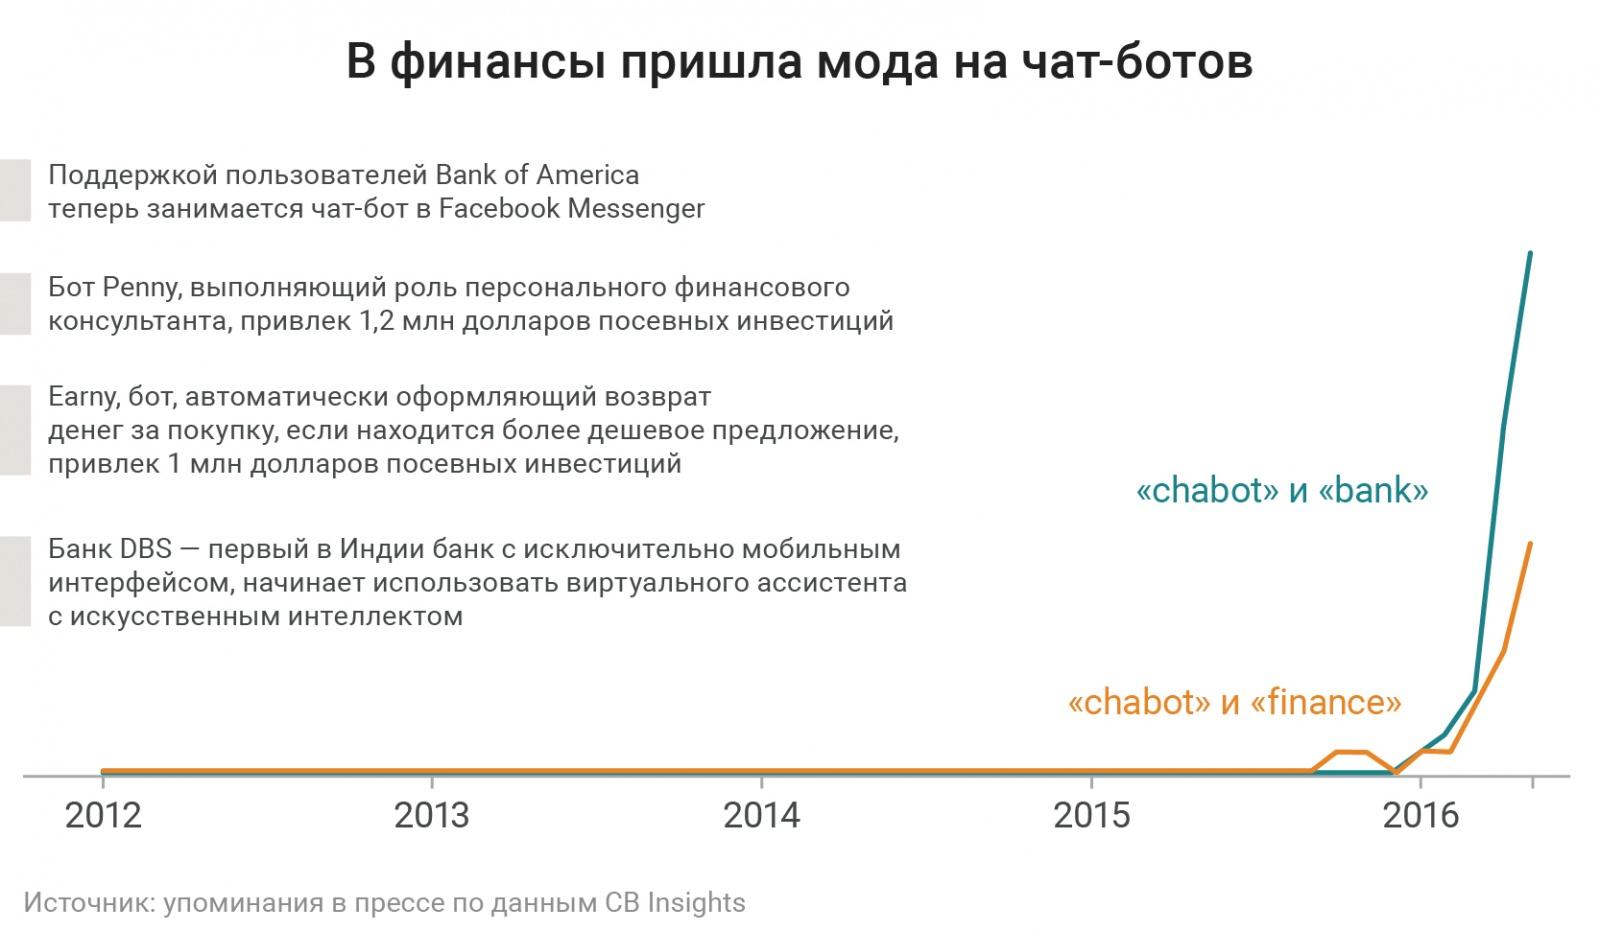 Будущее финансовых технологий в 9 графиках - 1